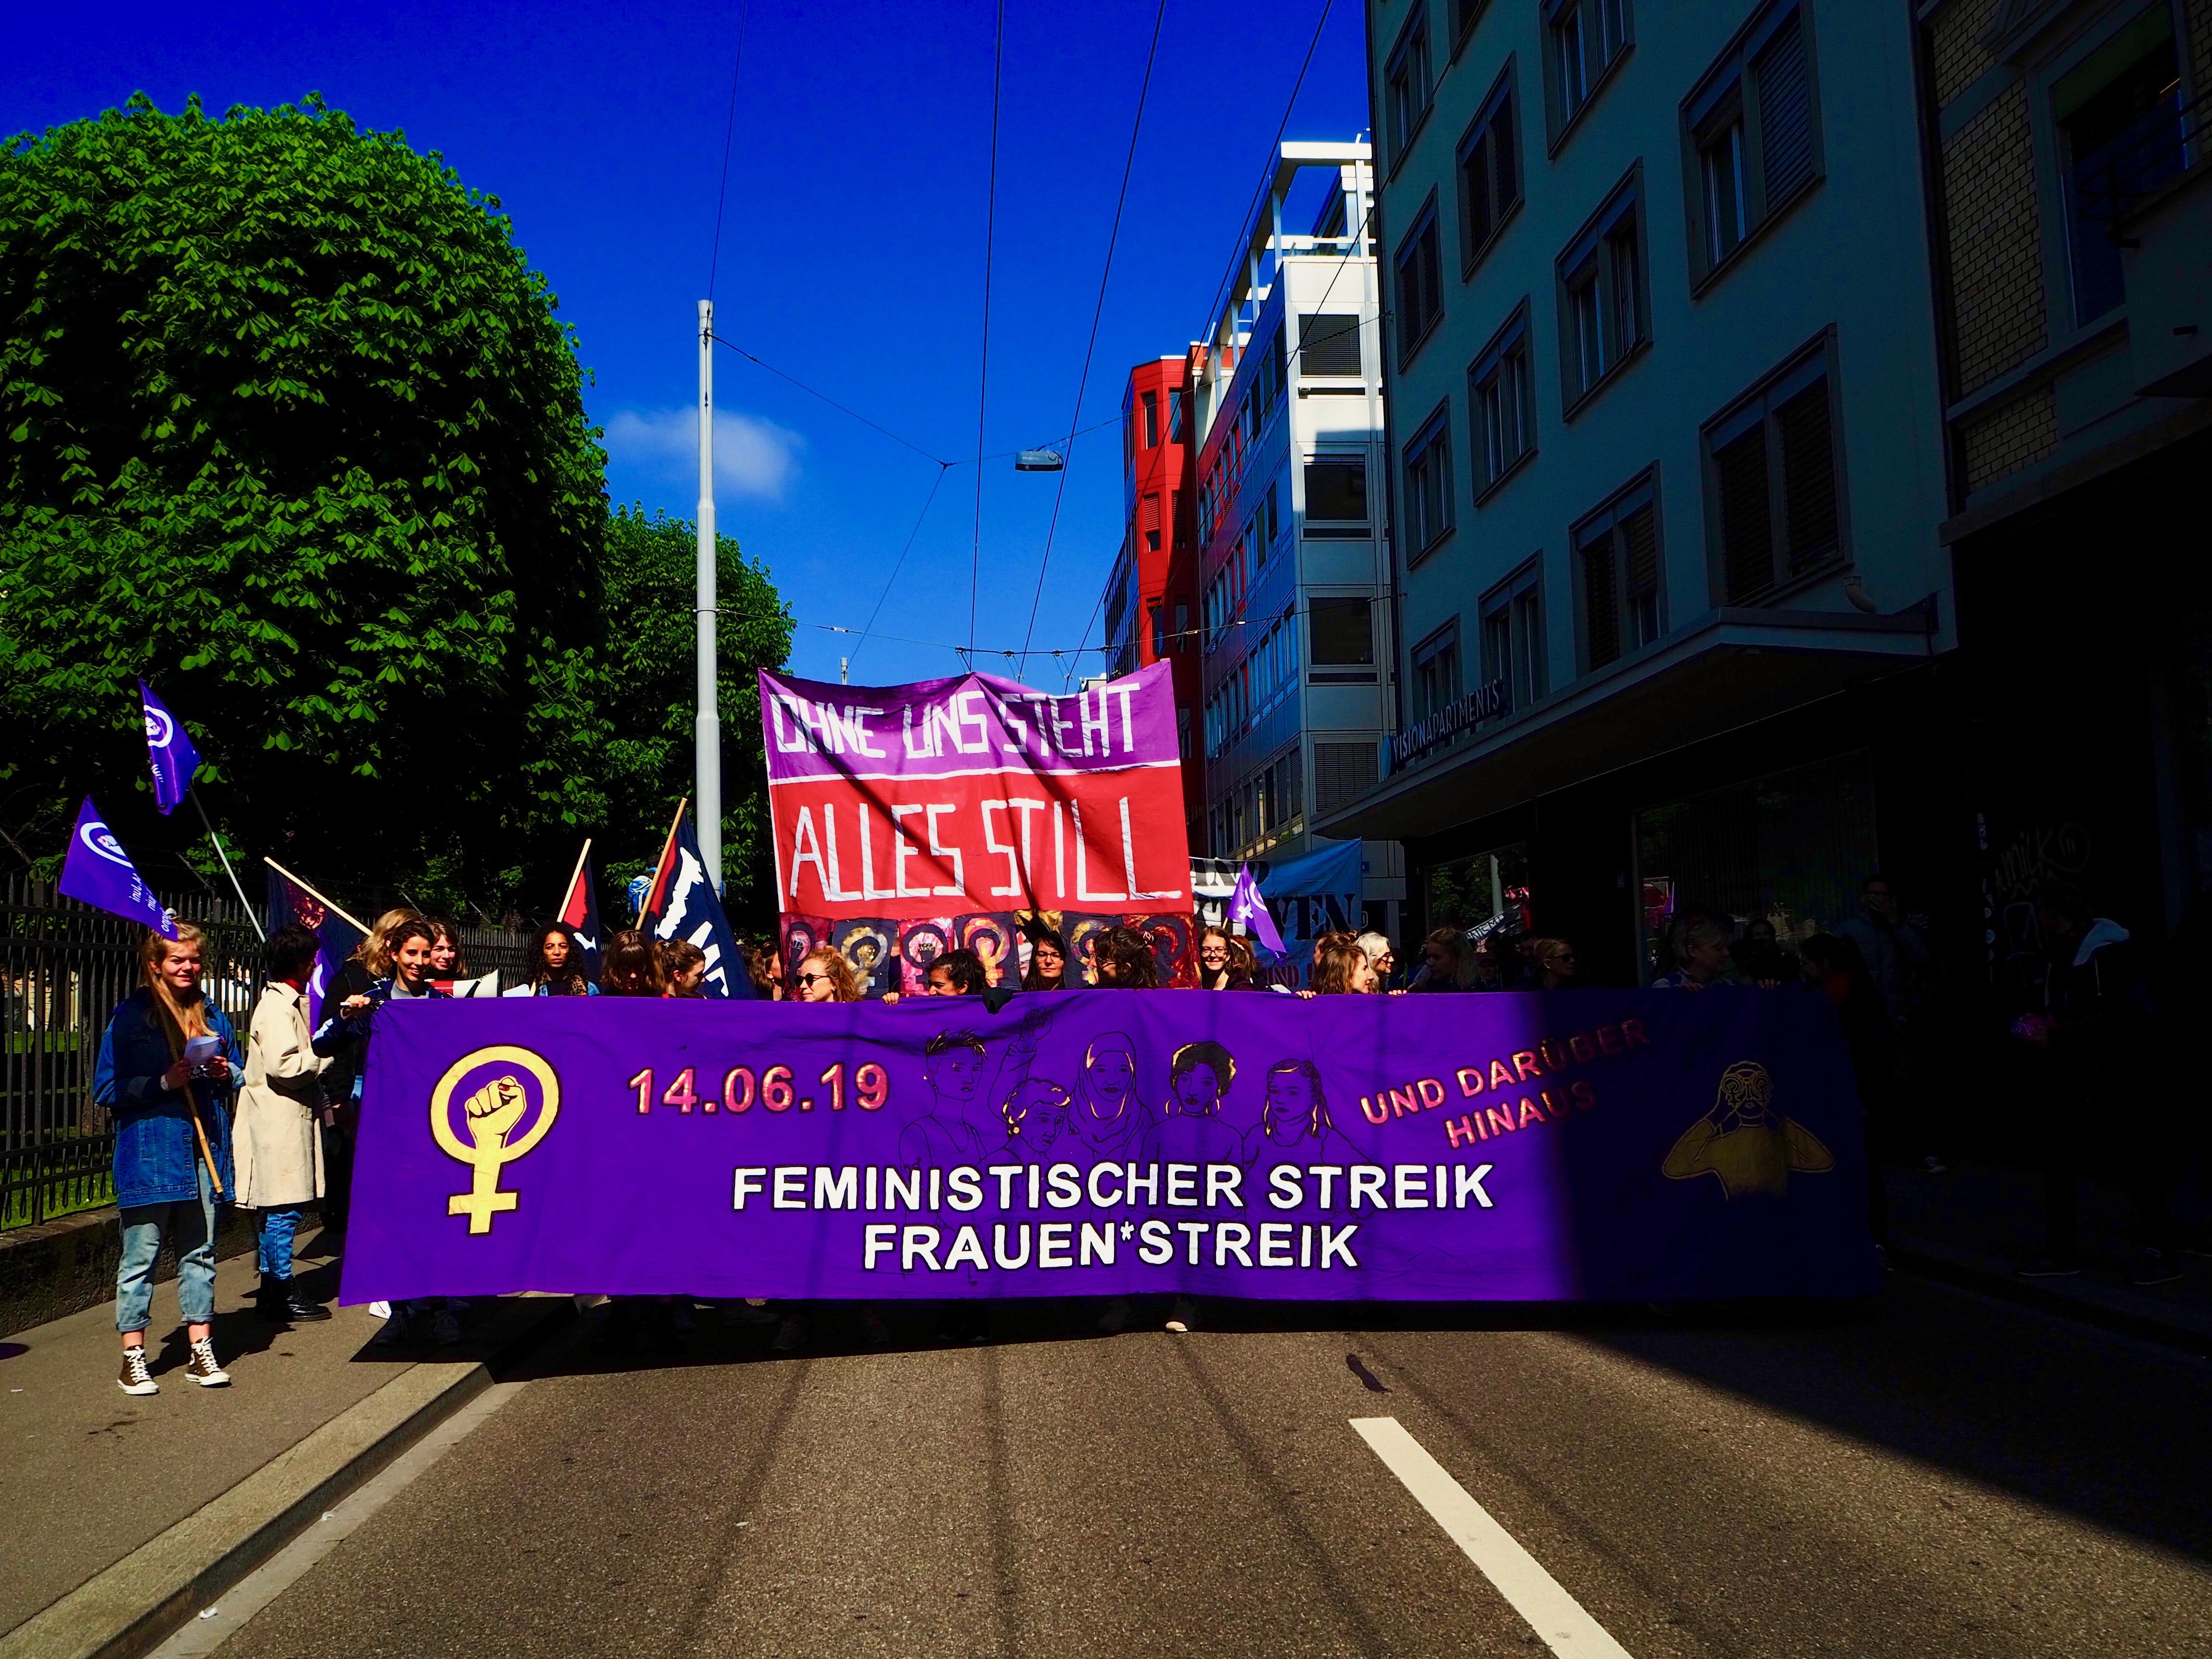 """Foto vom Fronttransparent des Frauen*streikblocks. Darauf steht """"Feministischer Strei / Frauen*streik 14.Juni 2019"""" Dahinter ein Transparent wo draufsteht """"Ohne uns steht alles still""""."""